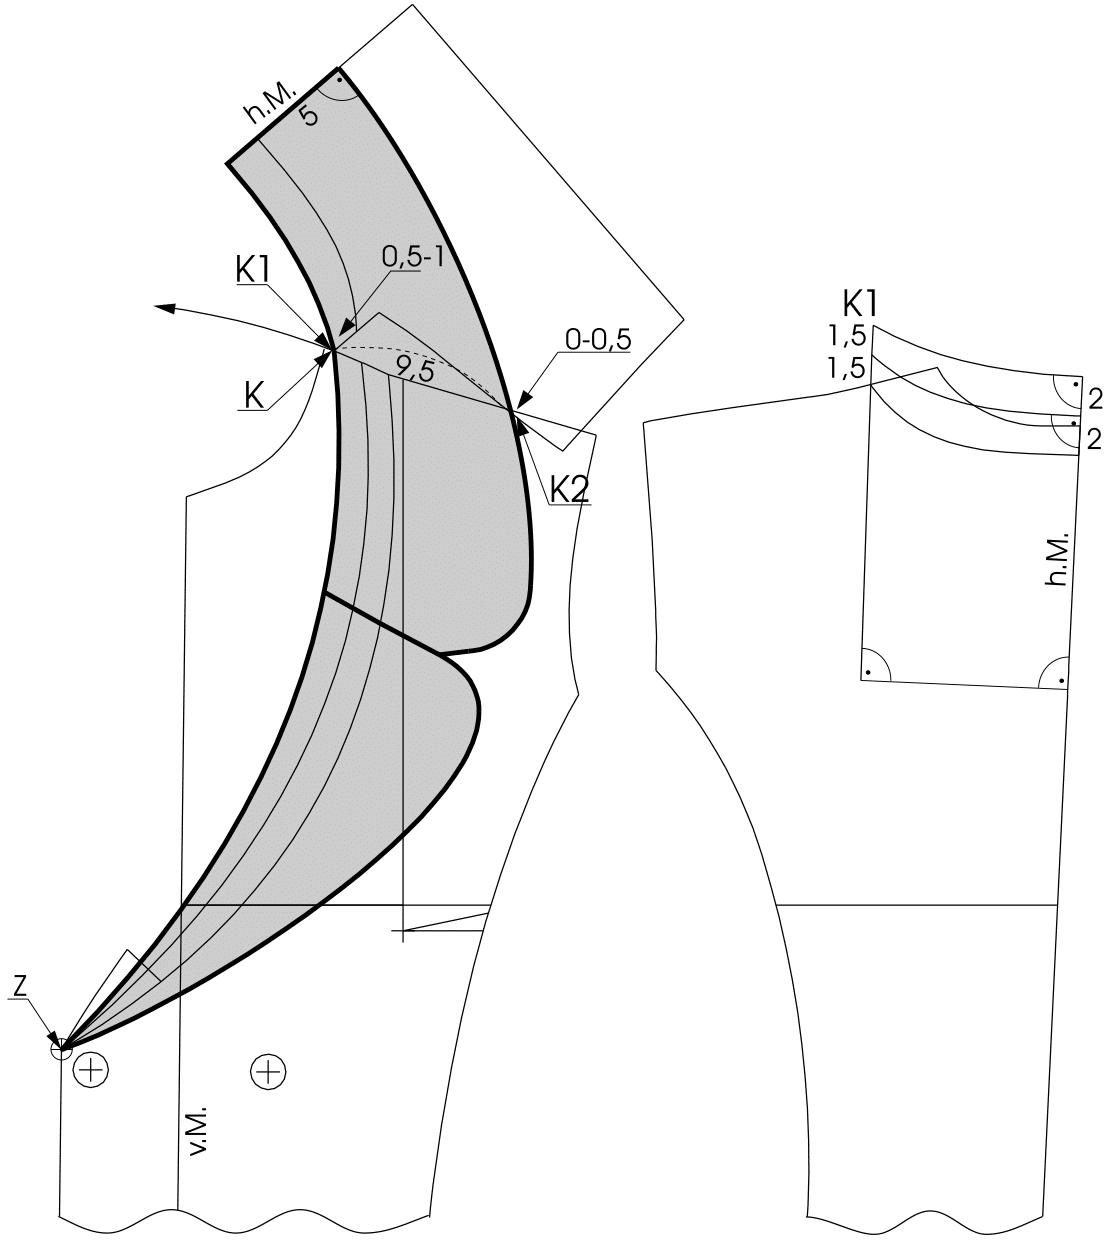 Die Schnitt-Technik des Kragens eines Doppelreiher ist zu sehen